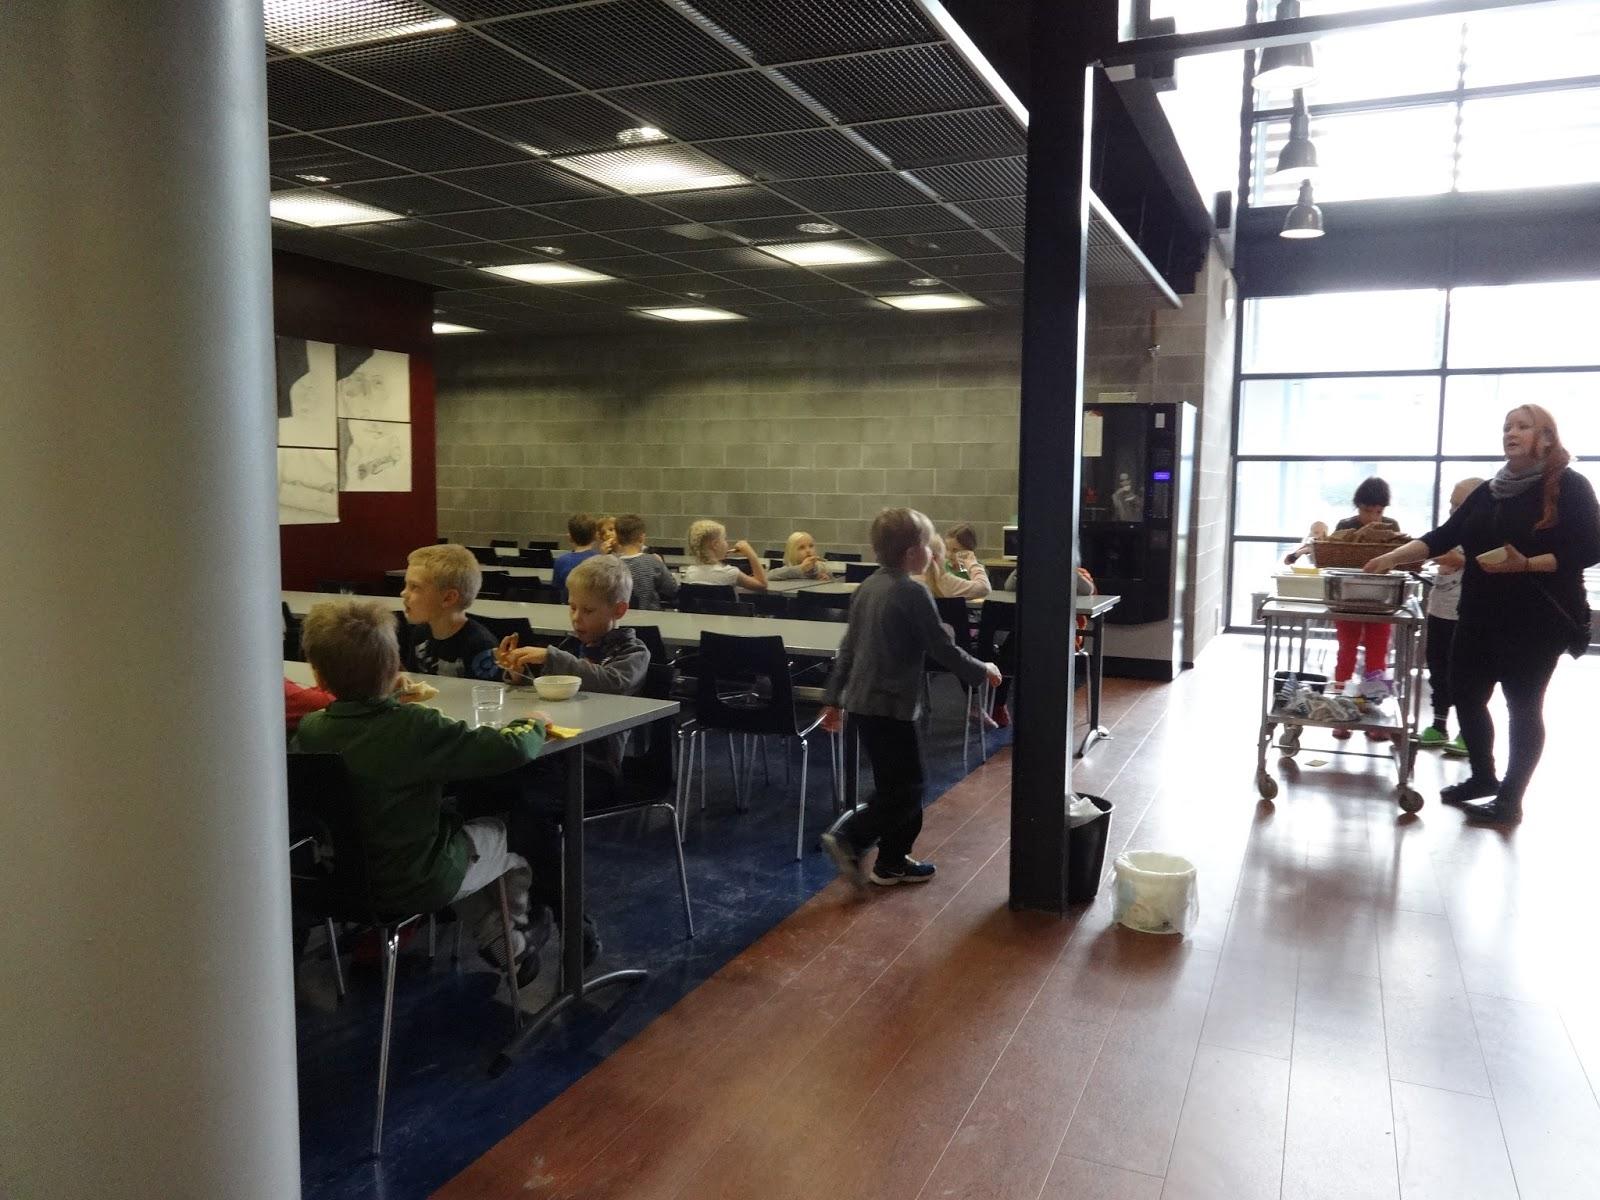 Otra ducacion una comida caliente al d a para todos for Comedores escolares en colombia